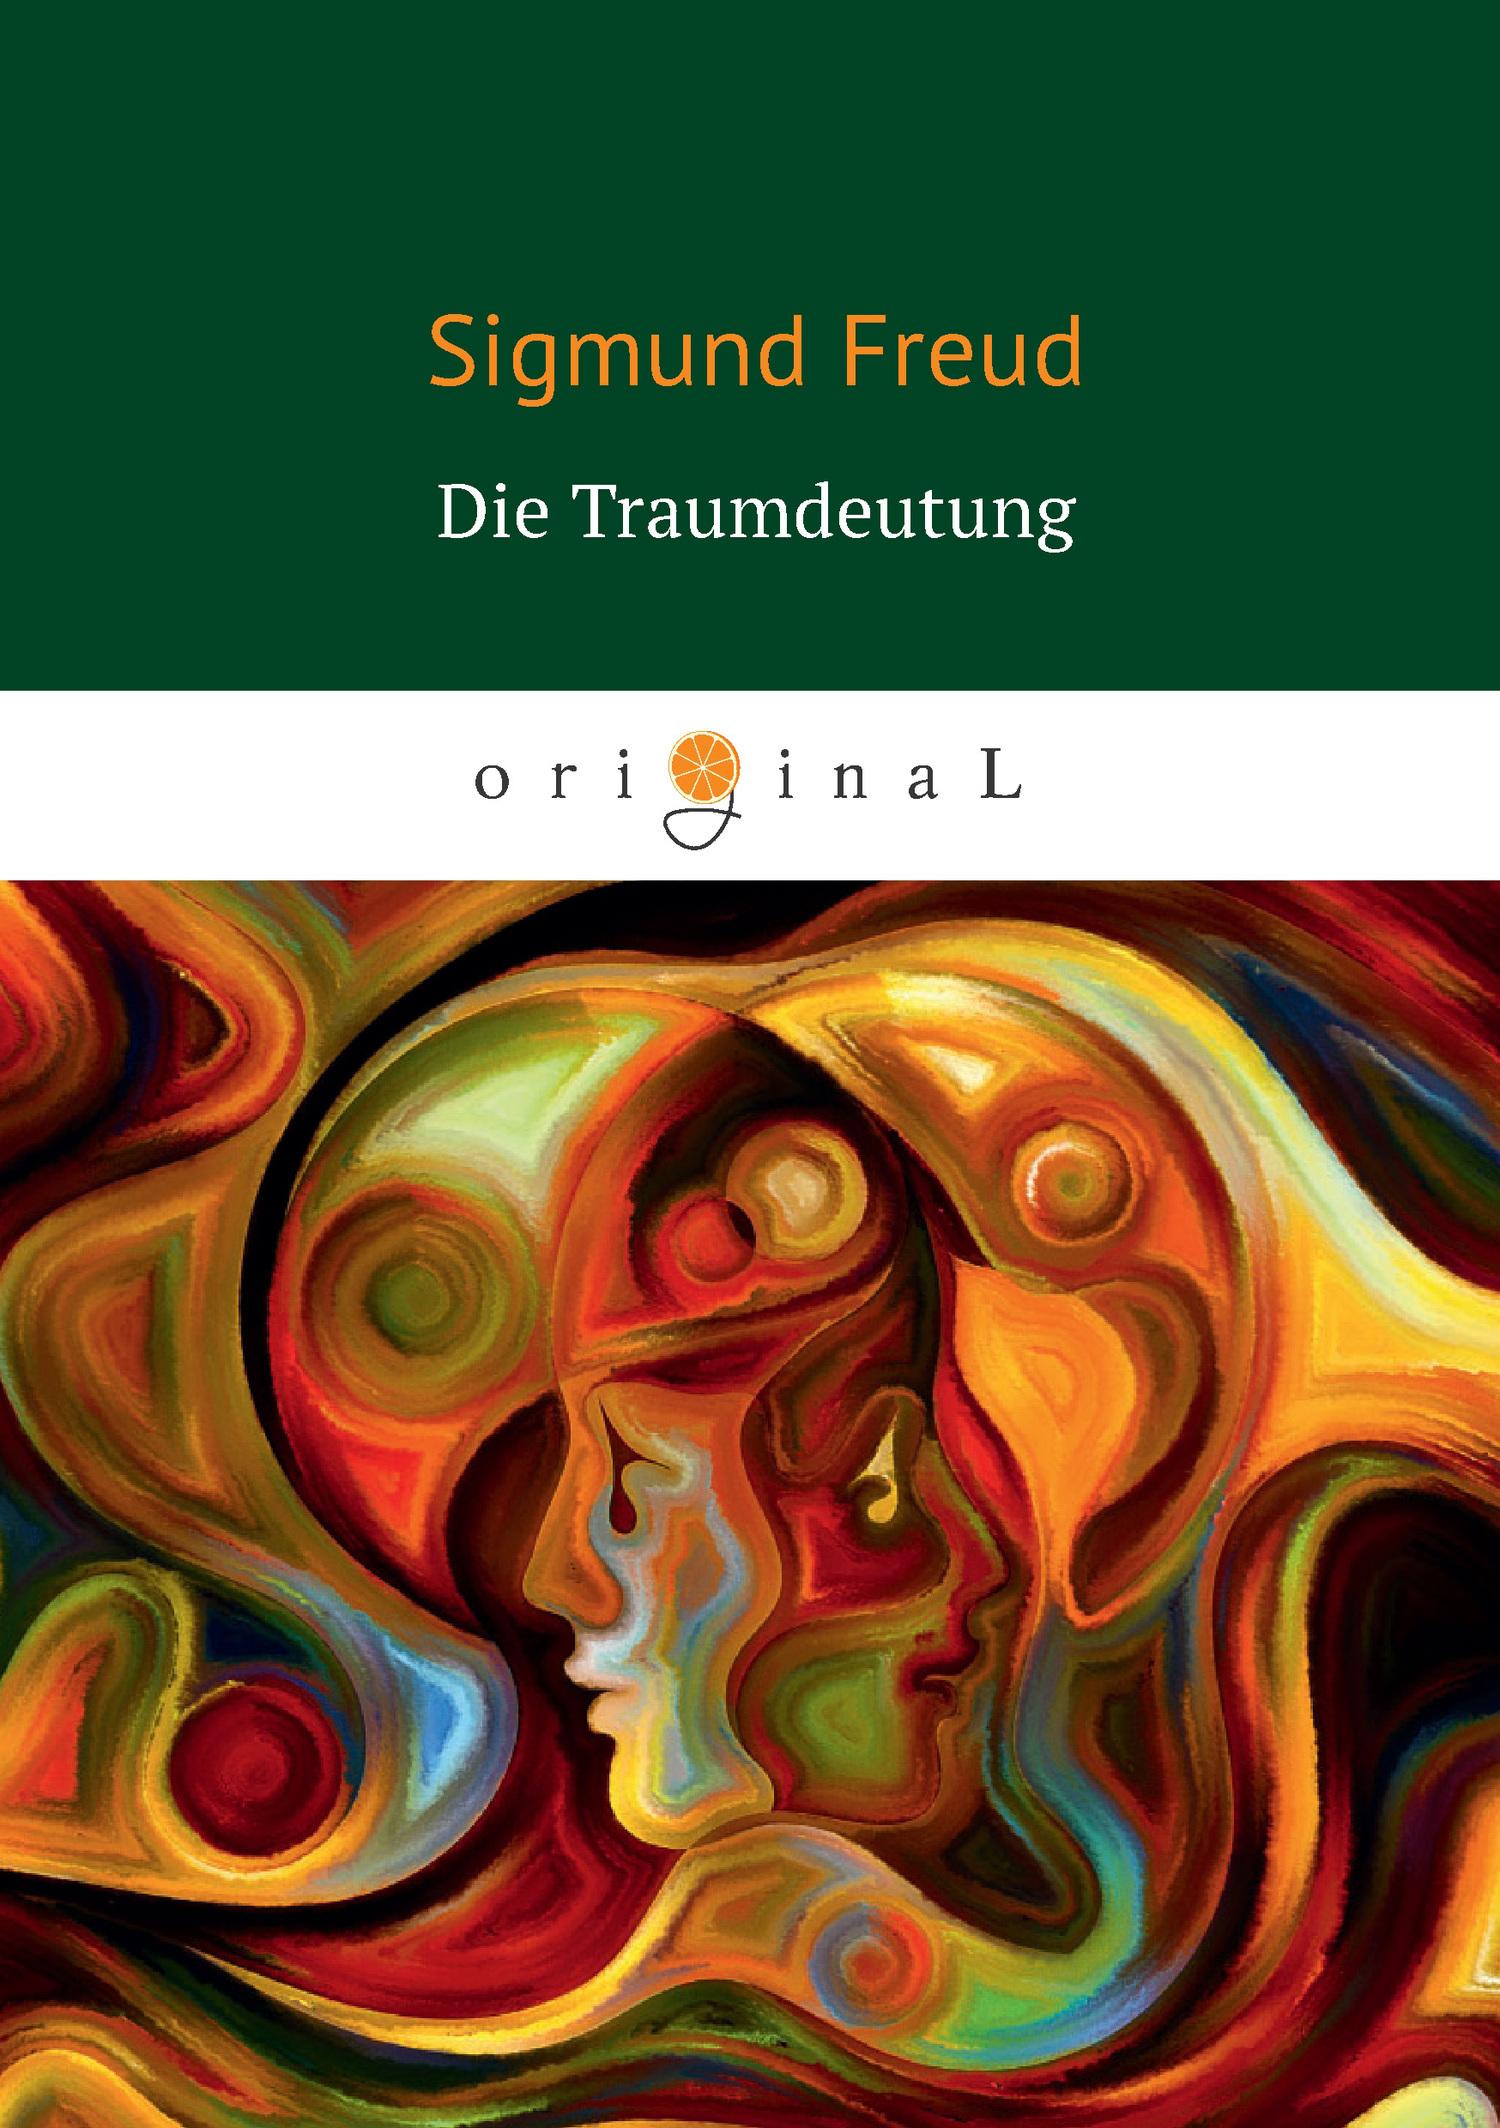 Зигмунд Фрейд «Die Traumdeutung»